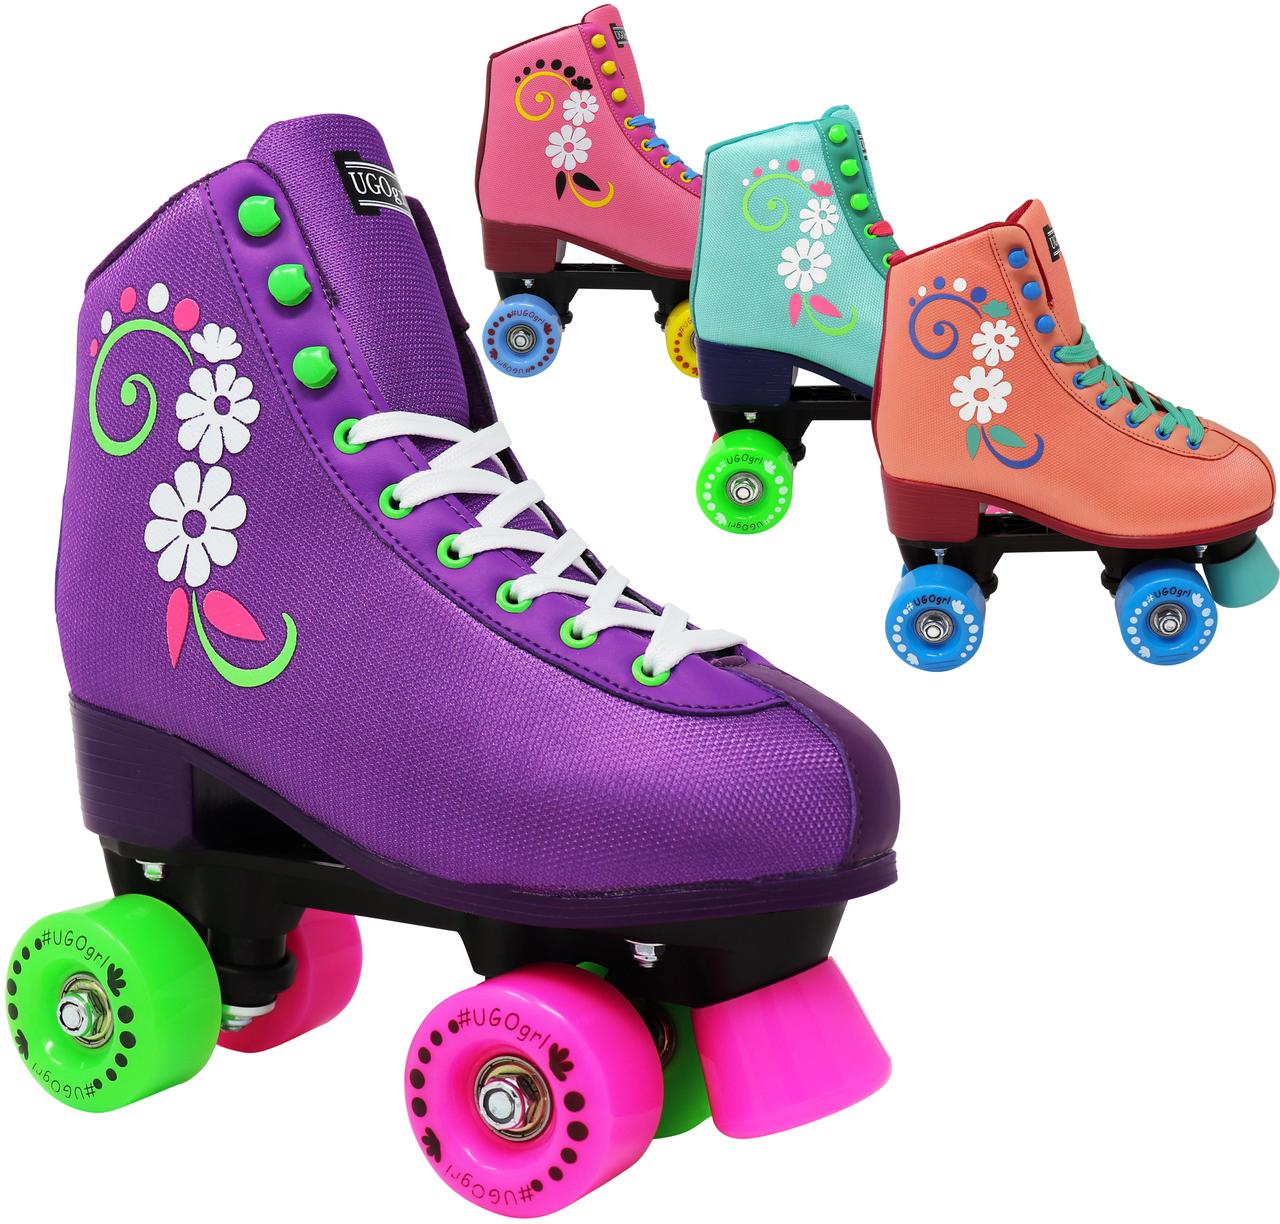 INSTOCK! UGOGRL Youth & Adult Beginner Roller Skate - Indoor AND Outdoor!